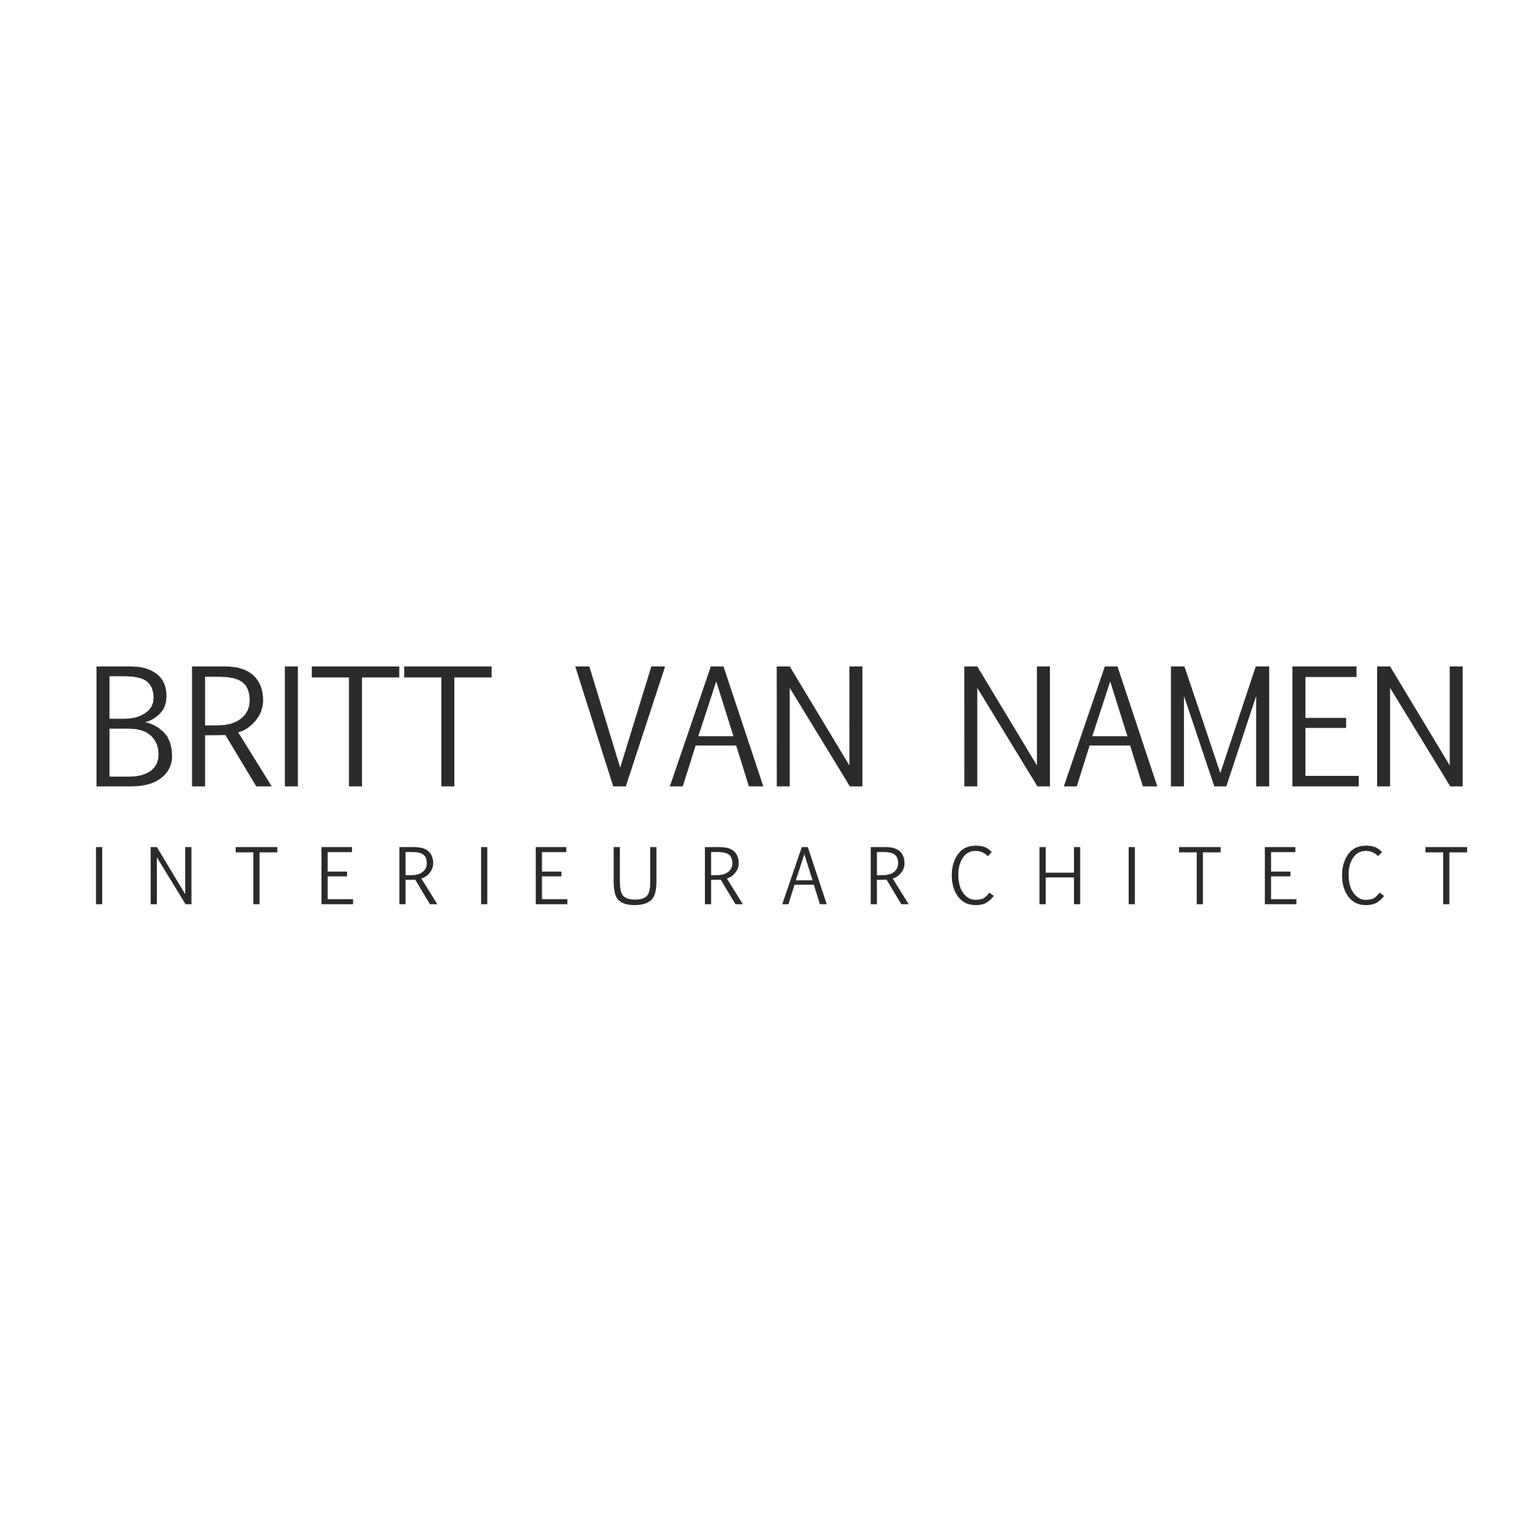 Britt van Namen